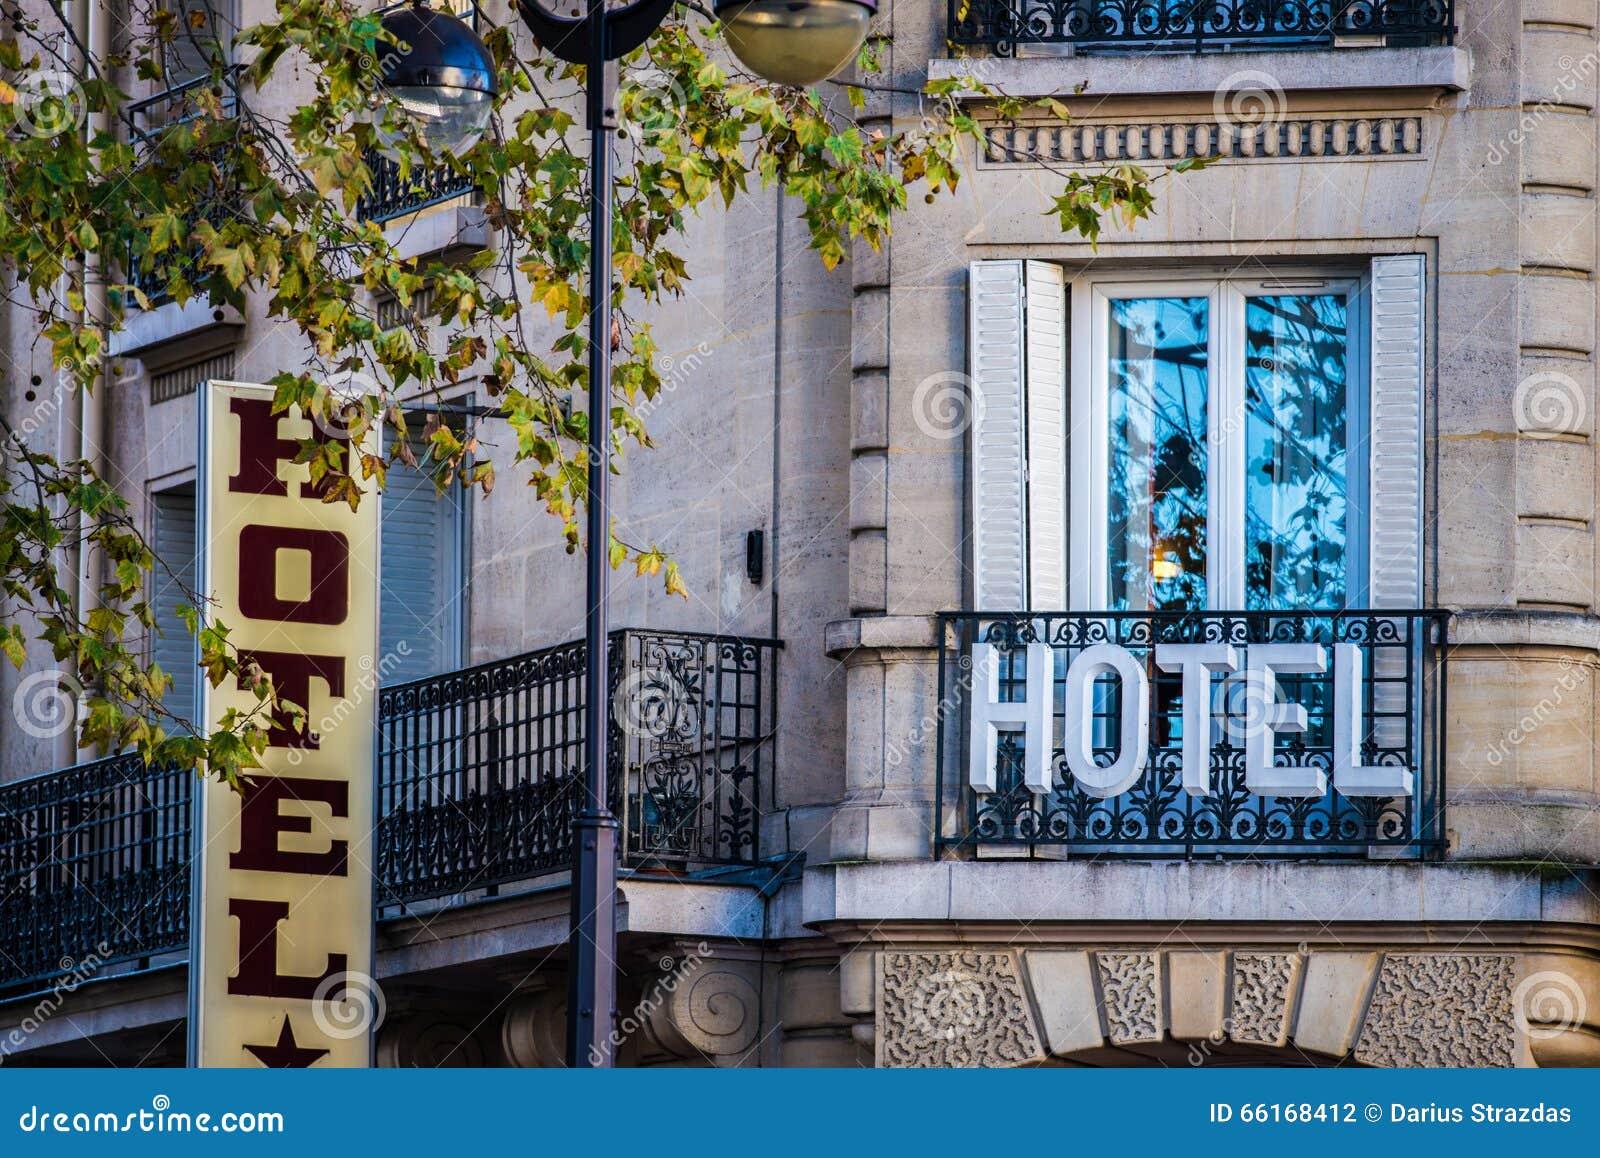 Hotelltecken på byggnad